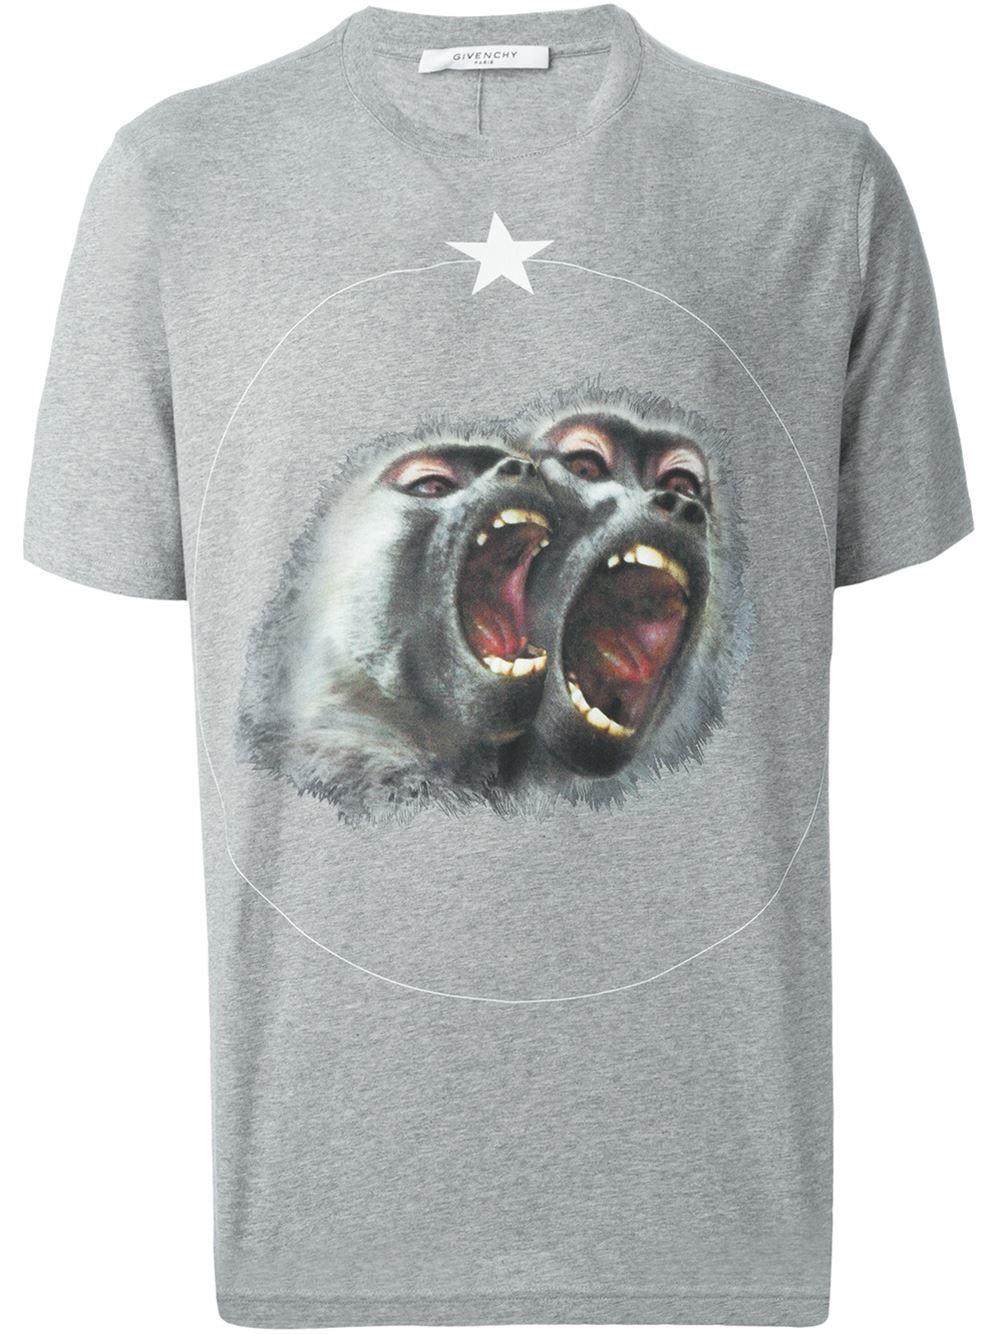 Hasil gambar untuk givenchy monkey brothers